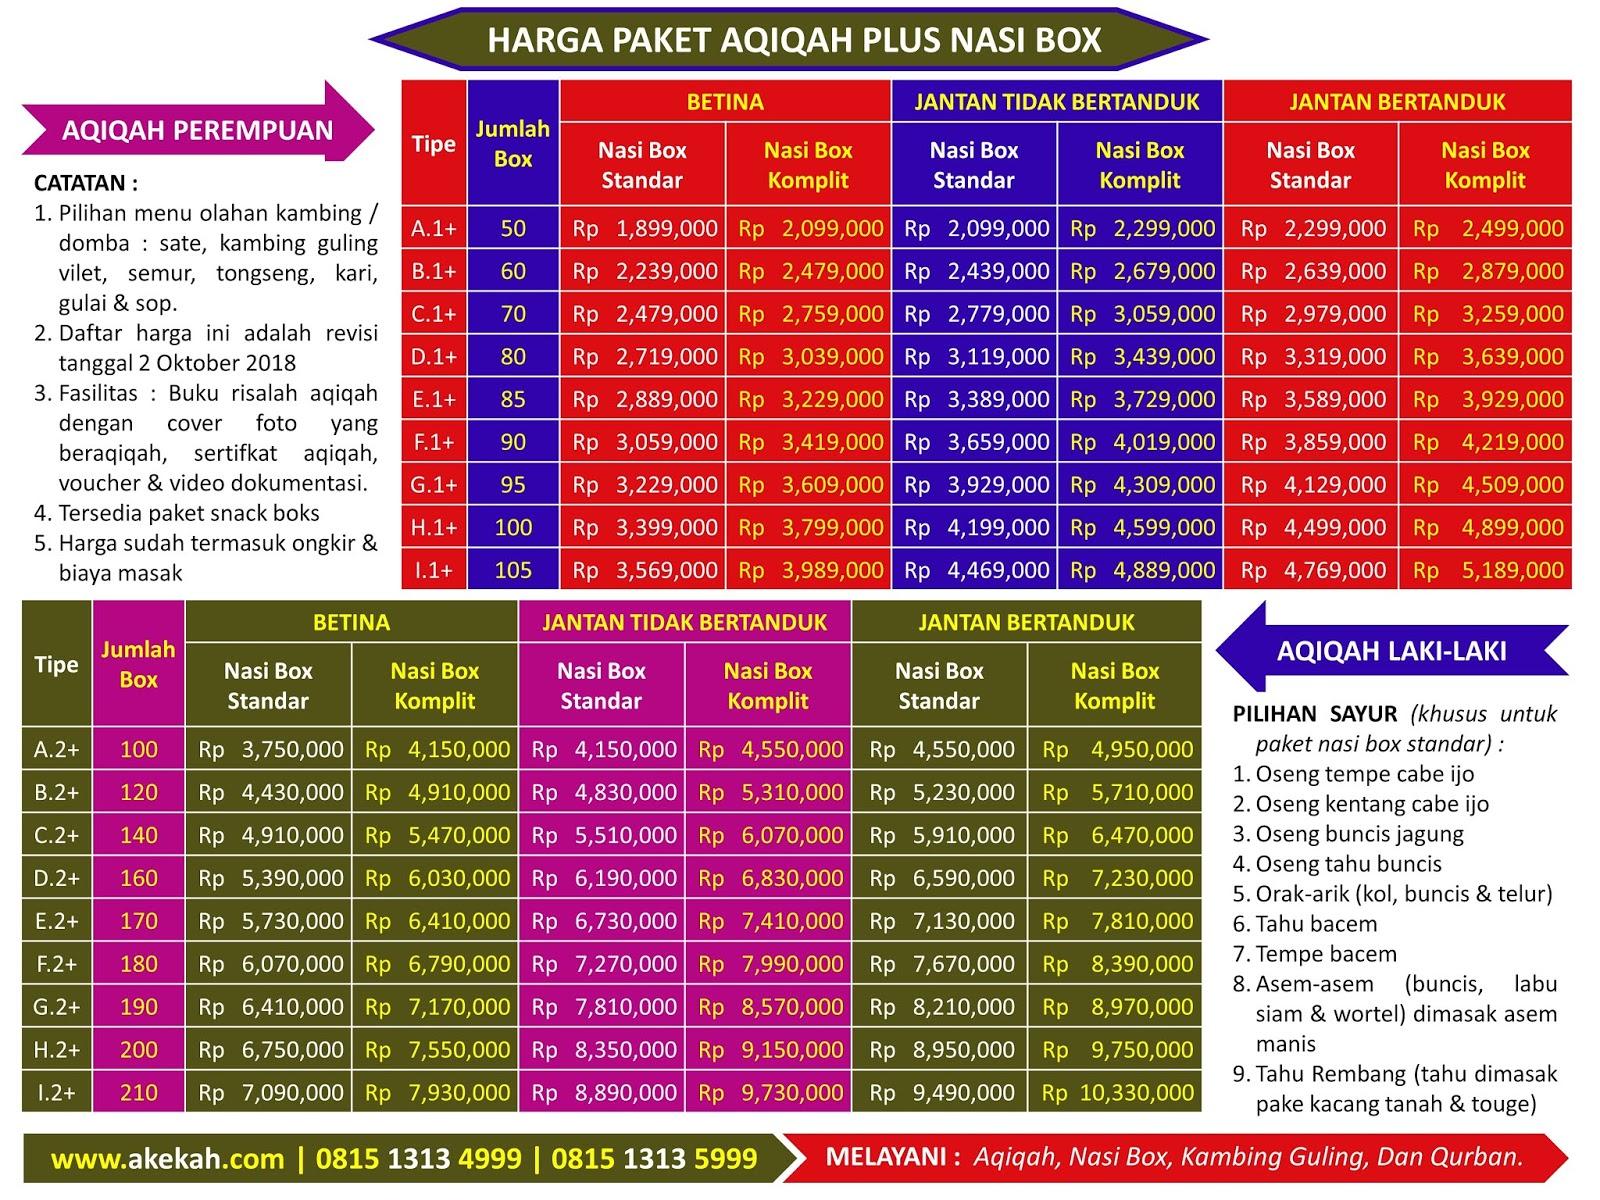 Penyedia Aqiqah & Catering Untuk Anak Di Daerah Kabupaten Bogor Jawa Barat